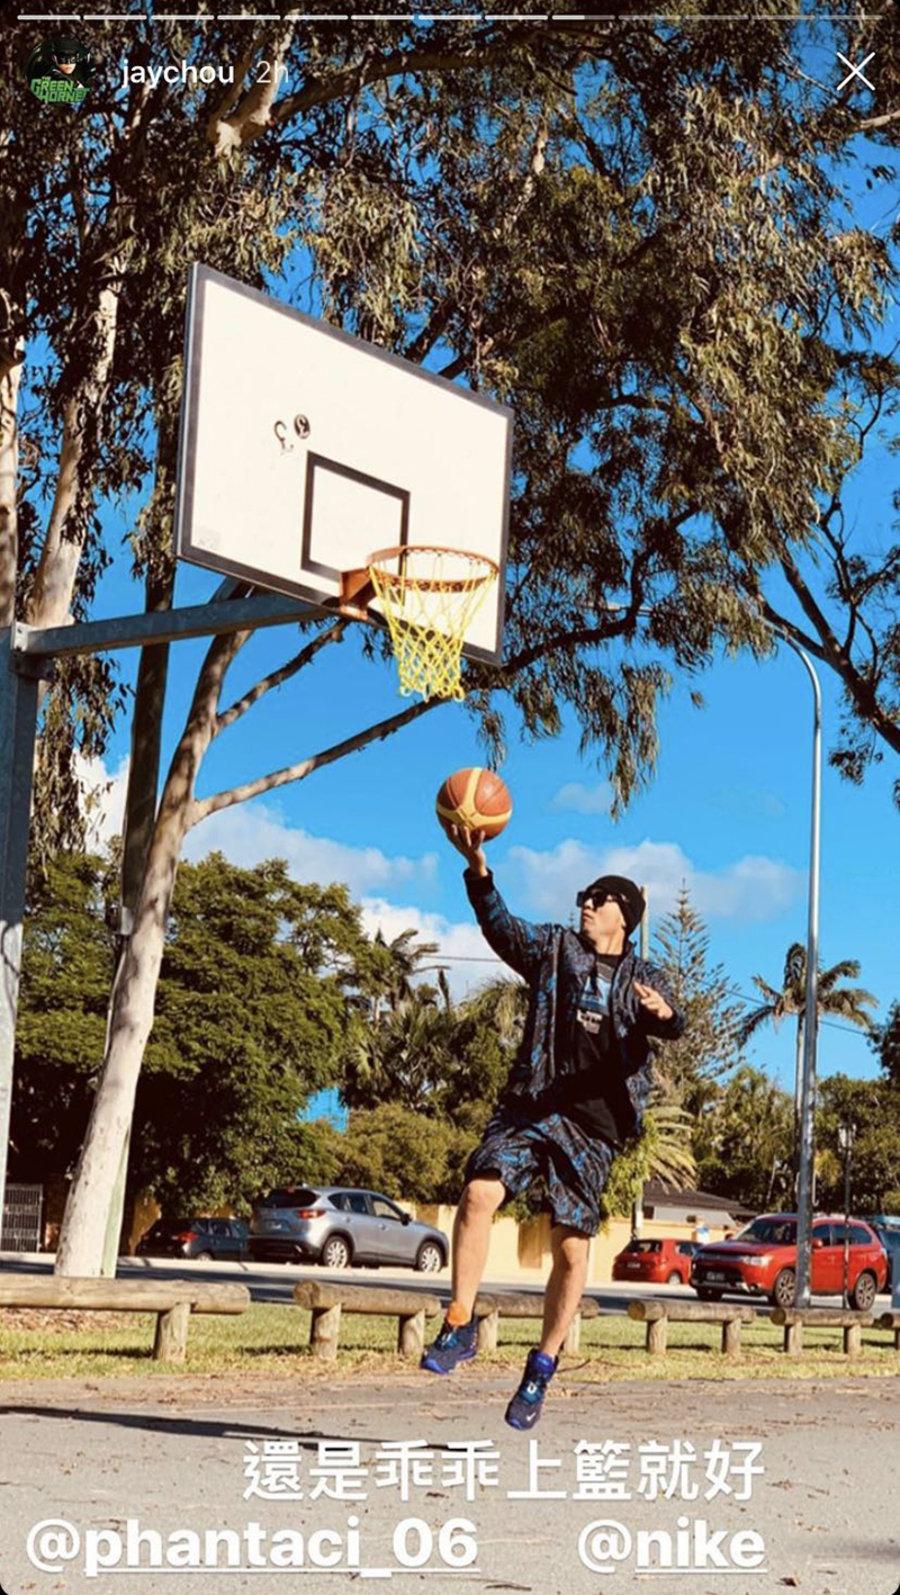 周杰倫,Nike,LeBron 17  周董上腳兩雙未市售球鞋!月底發售,你也能買!